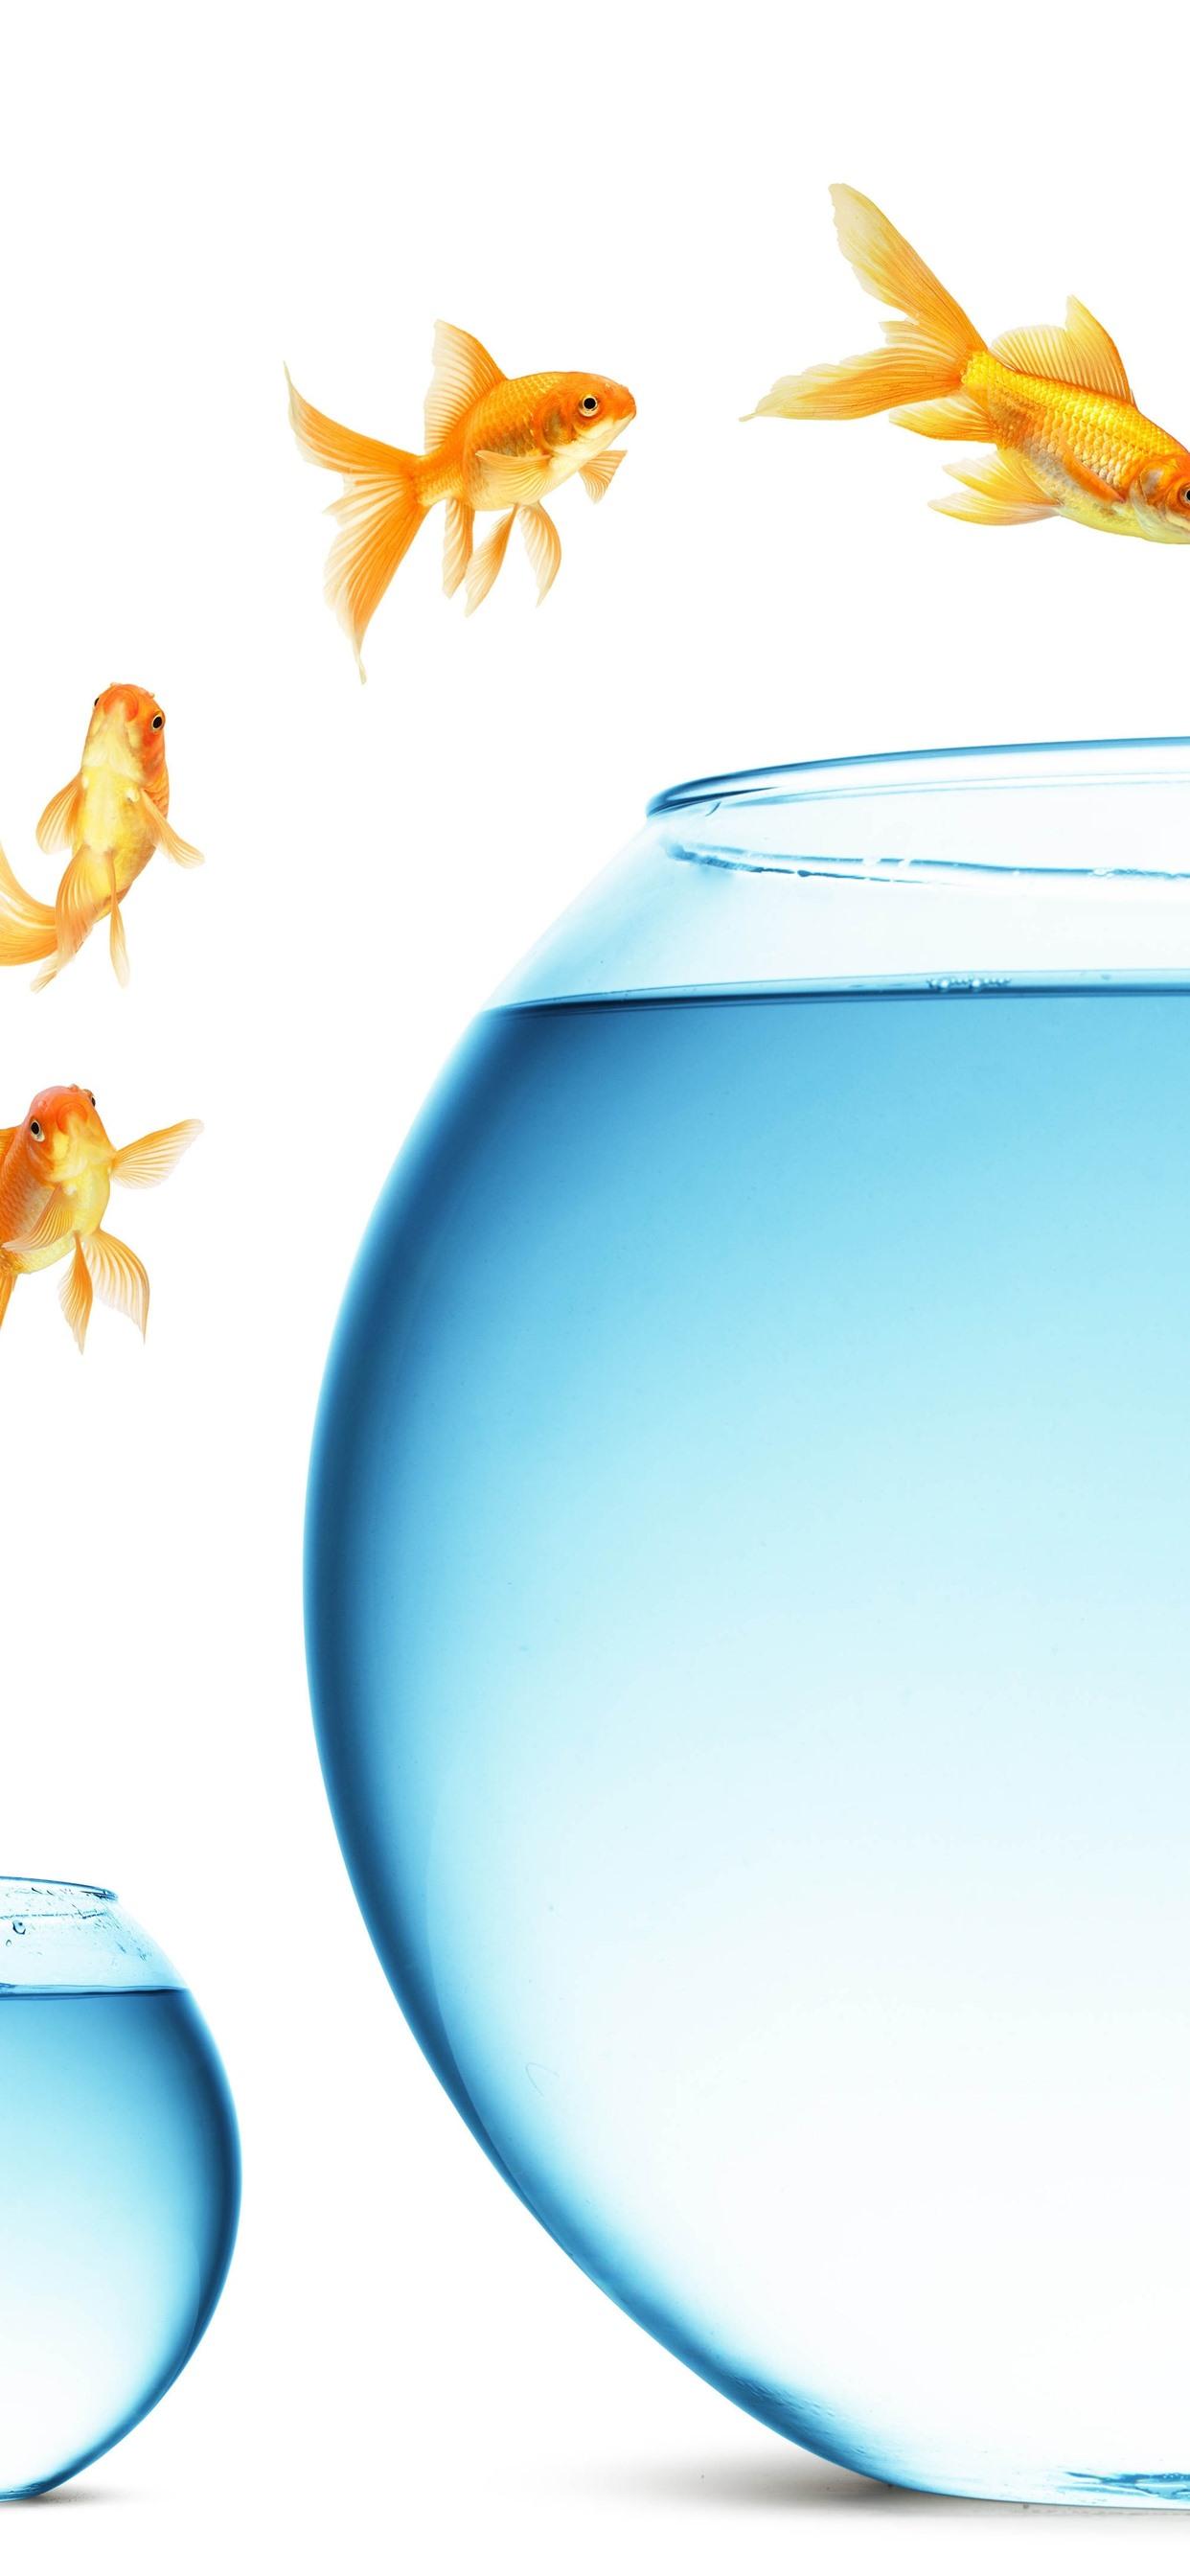 金魚のジャンプ 大きくて小さいガラスの魚の水槽 水 1242x2688